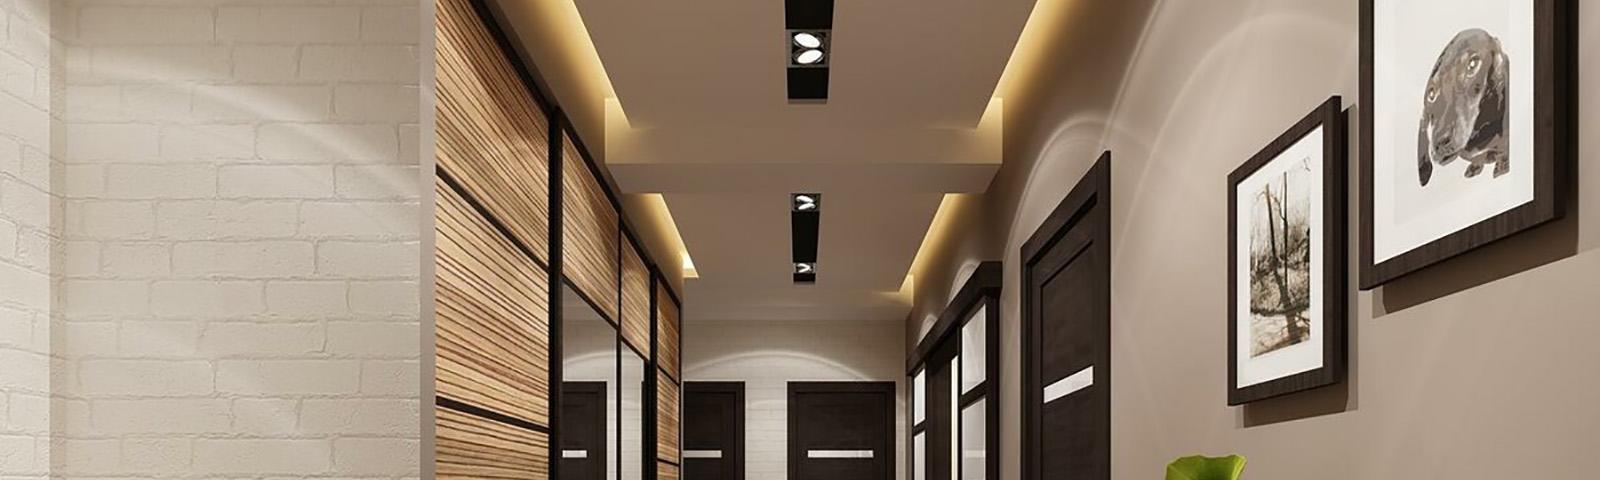 коридор дизайнерский фото